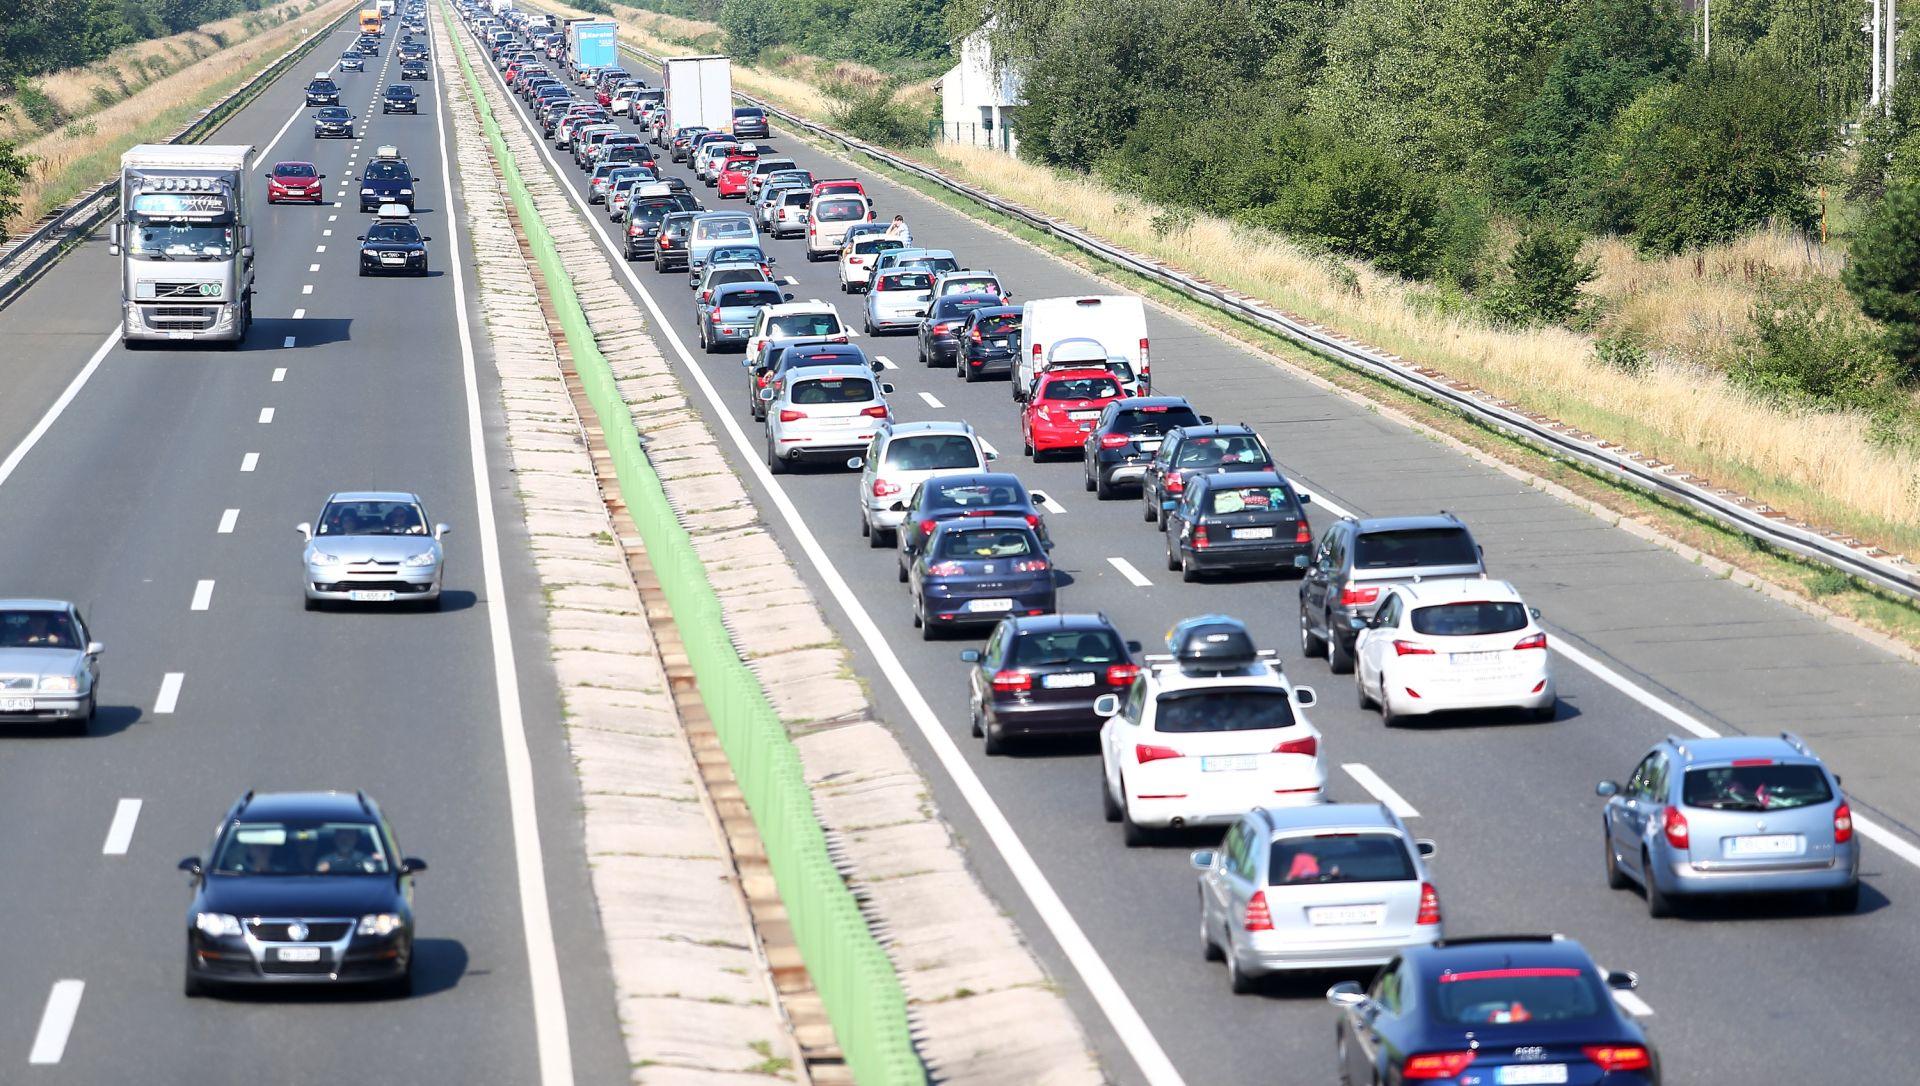 HAK Pojačan promet prema moru, prometna nesreća na Jadranskoj magistrali